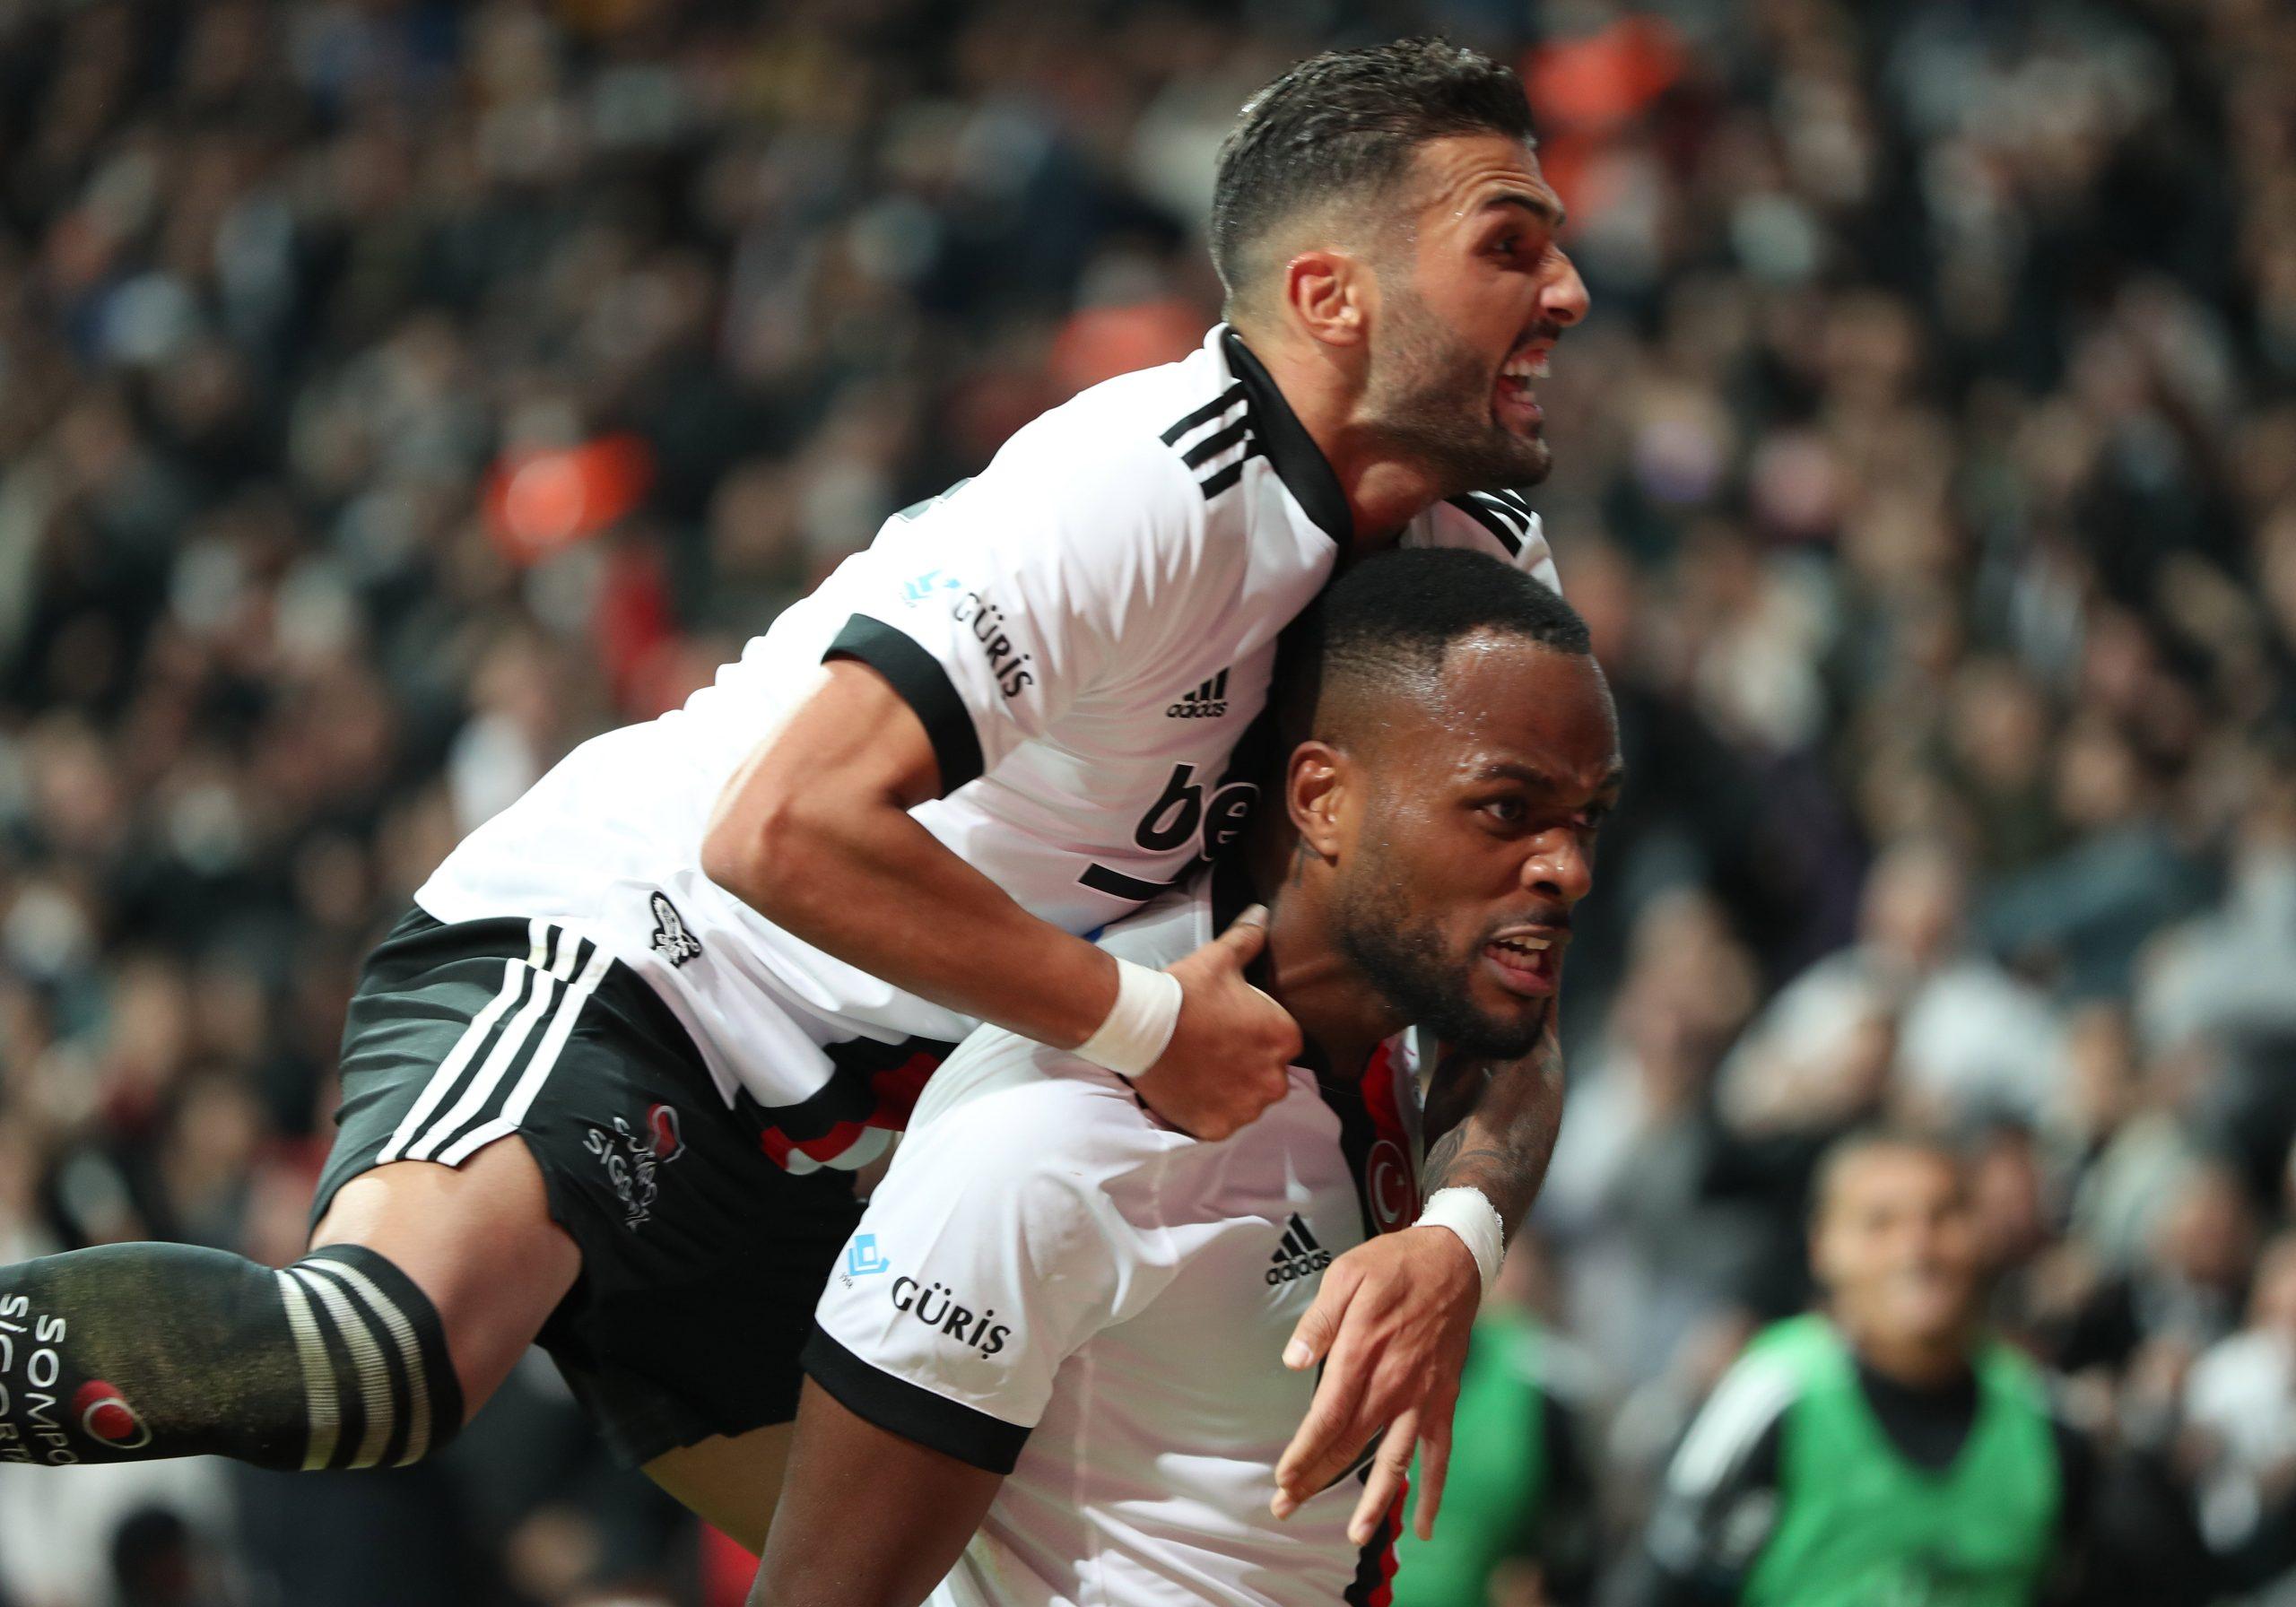 Derbinin galibi Beşiktaş oldu 2-1